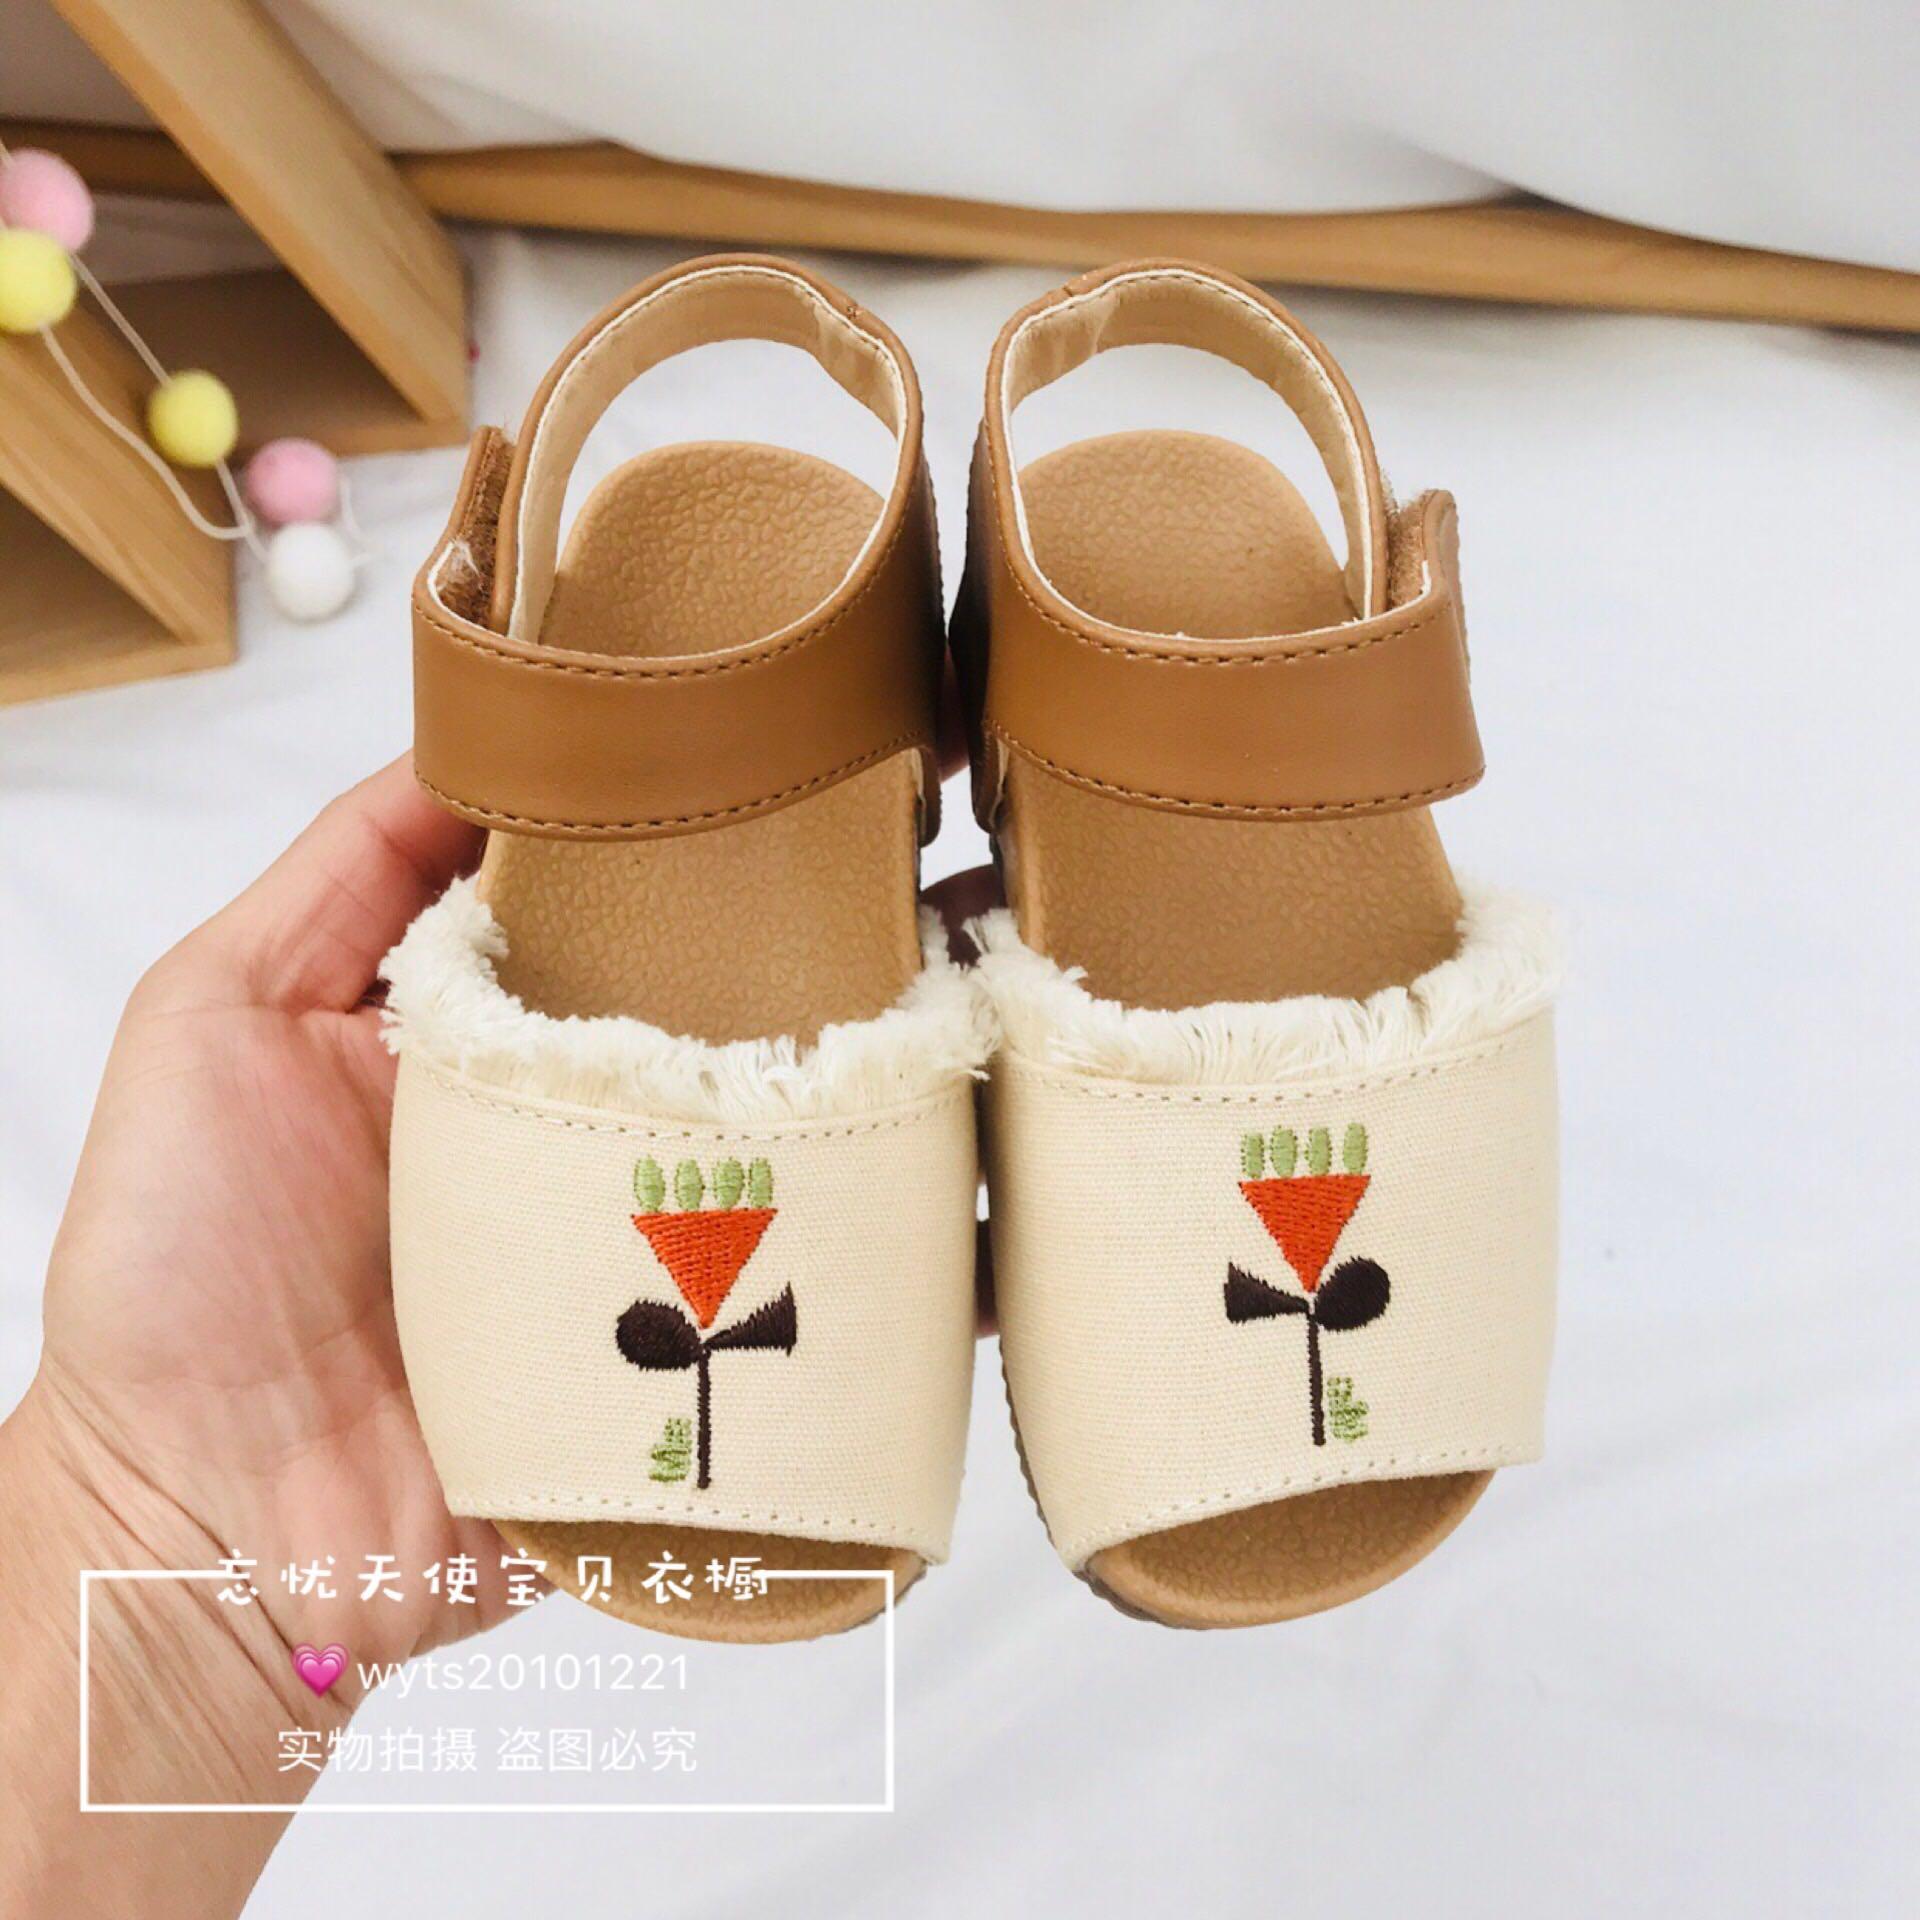 韩国童装 19小雨伞夏季新品女童米色刺绣凉鞋 女孩百搭沙滩鞋童鞋